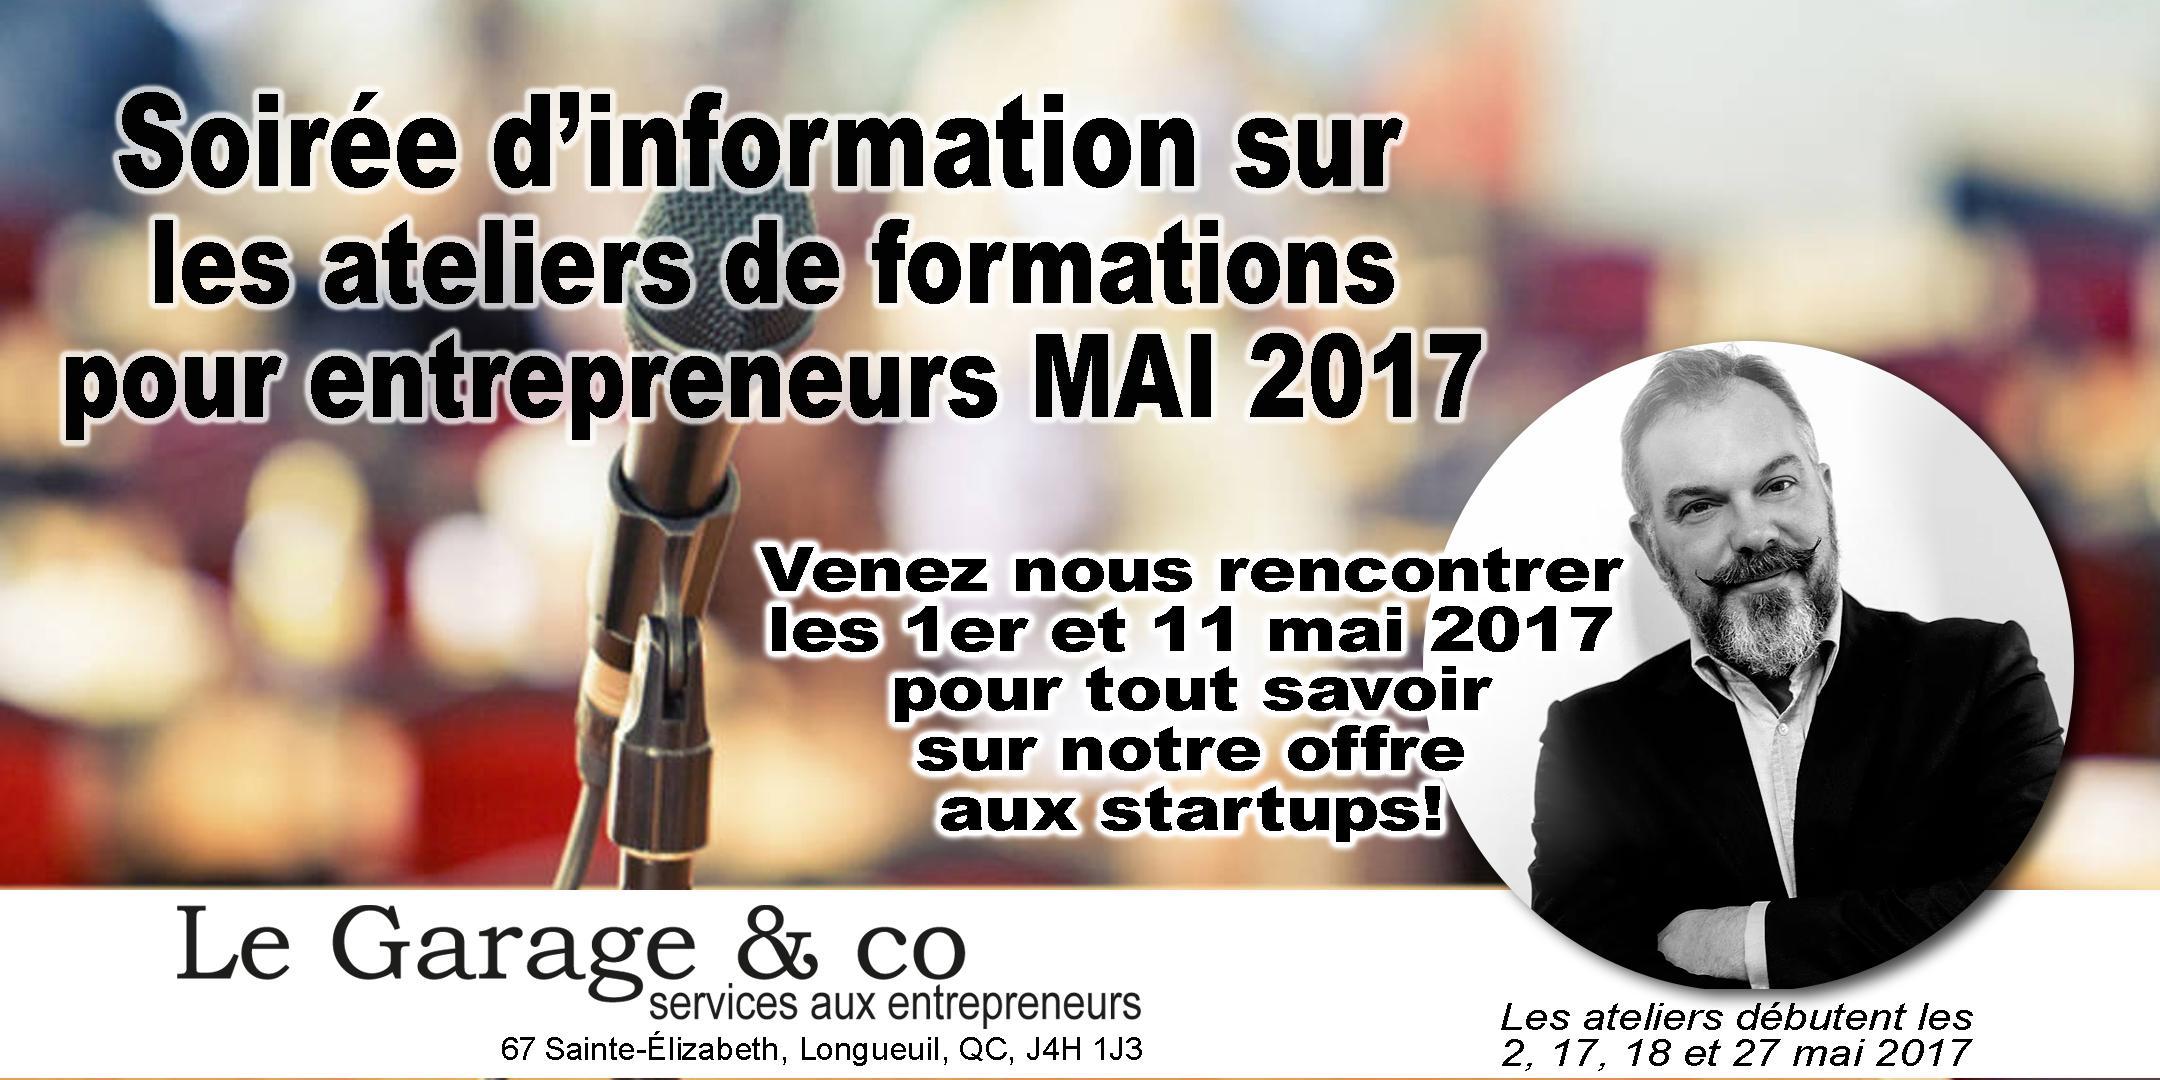 SOIRÉE D'INFORMATION - formation aux startup